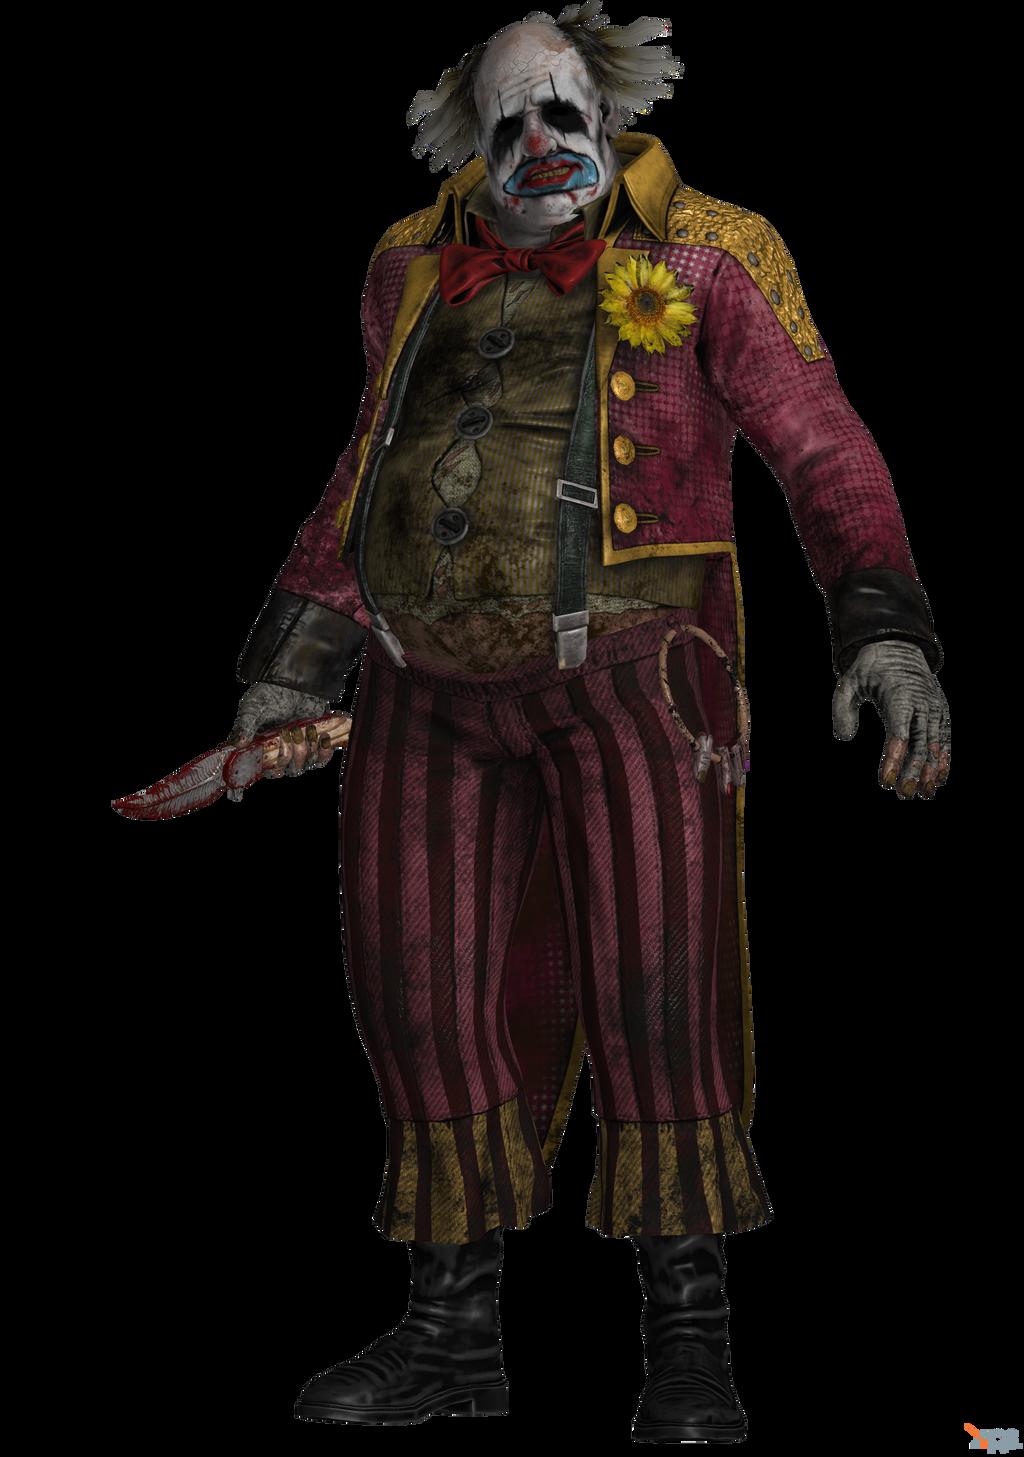 The Clown (Dead By Daylight).